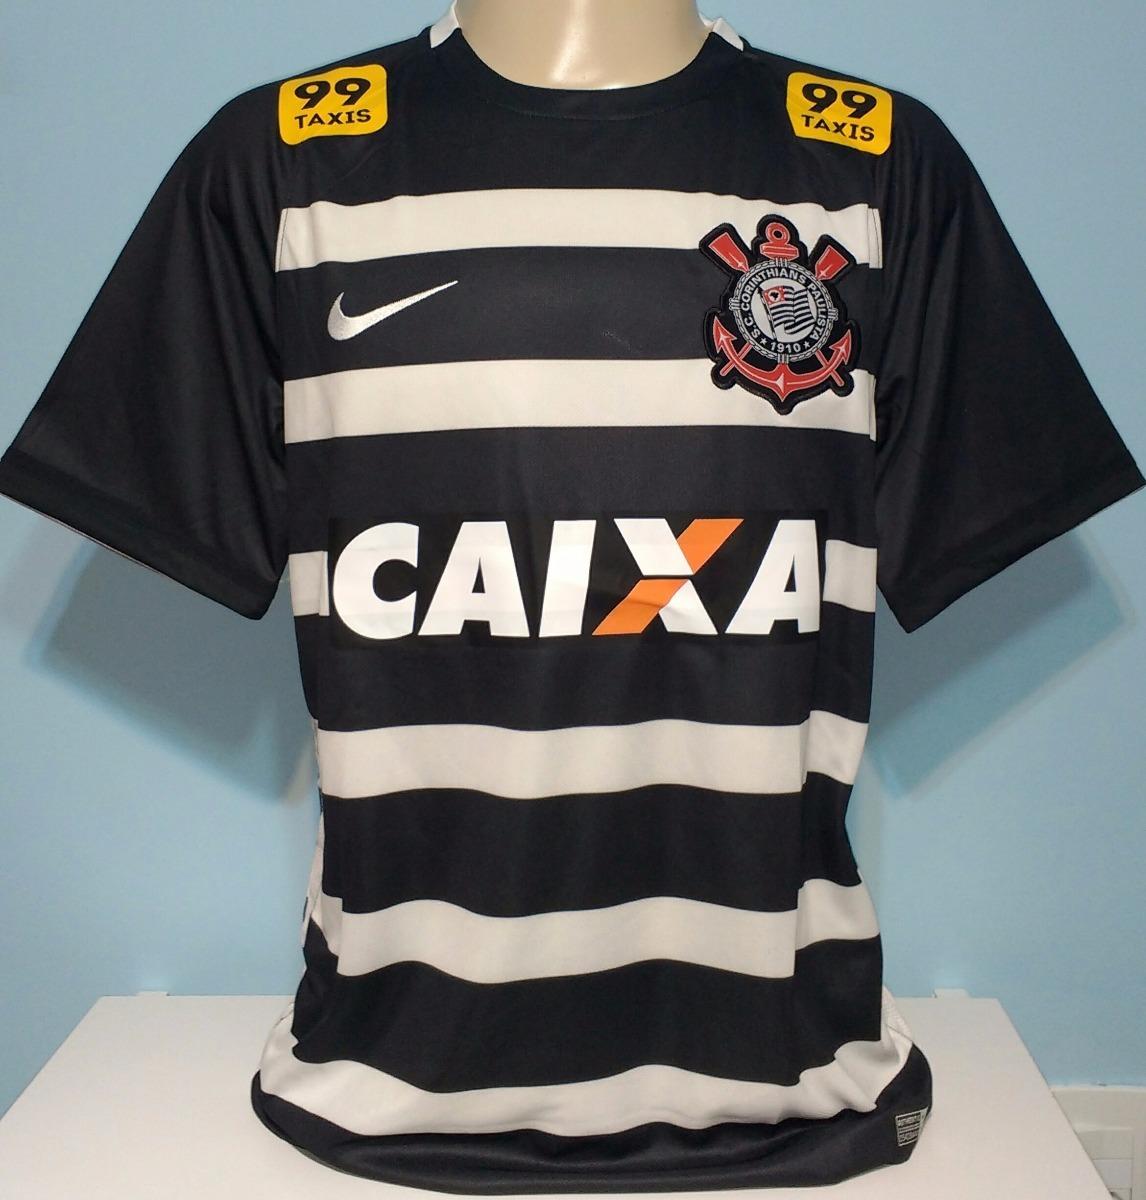 camisa corinthians original nike hexacampeão brasileiro 2015. Carregando  zoom. 140654c591f41